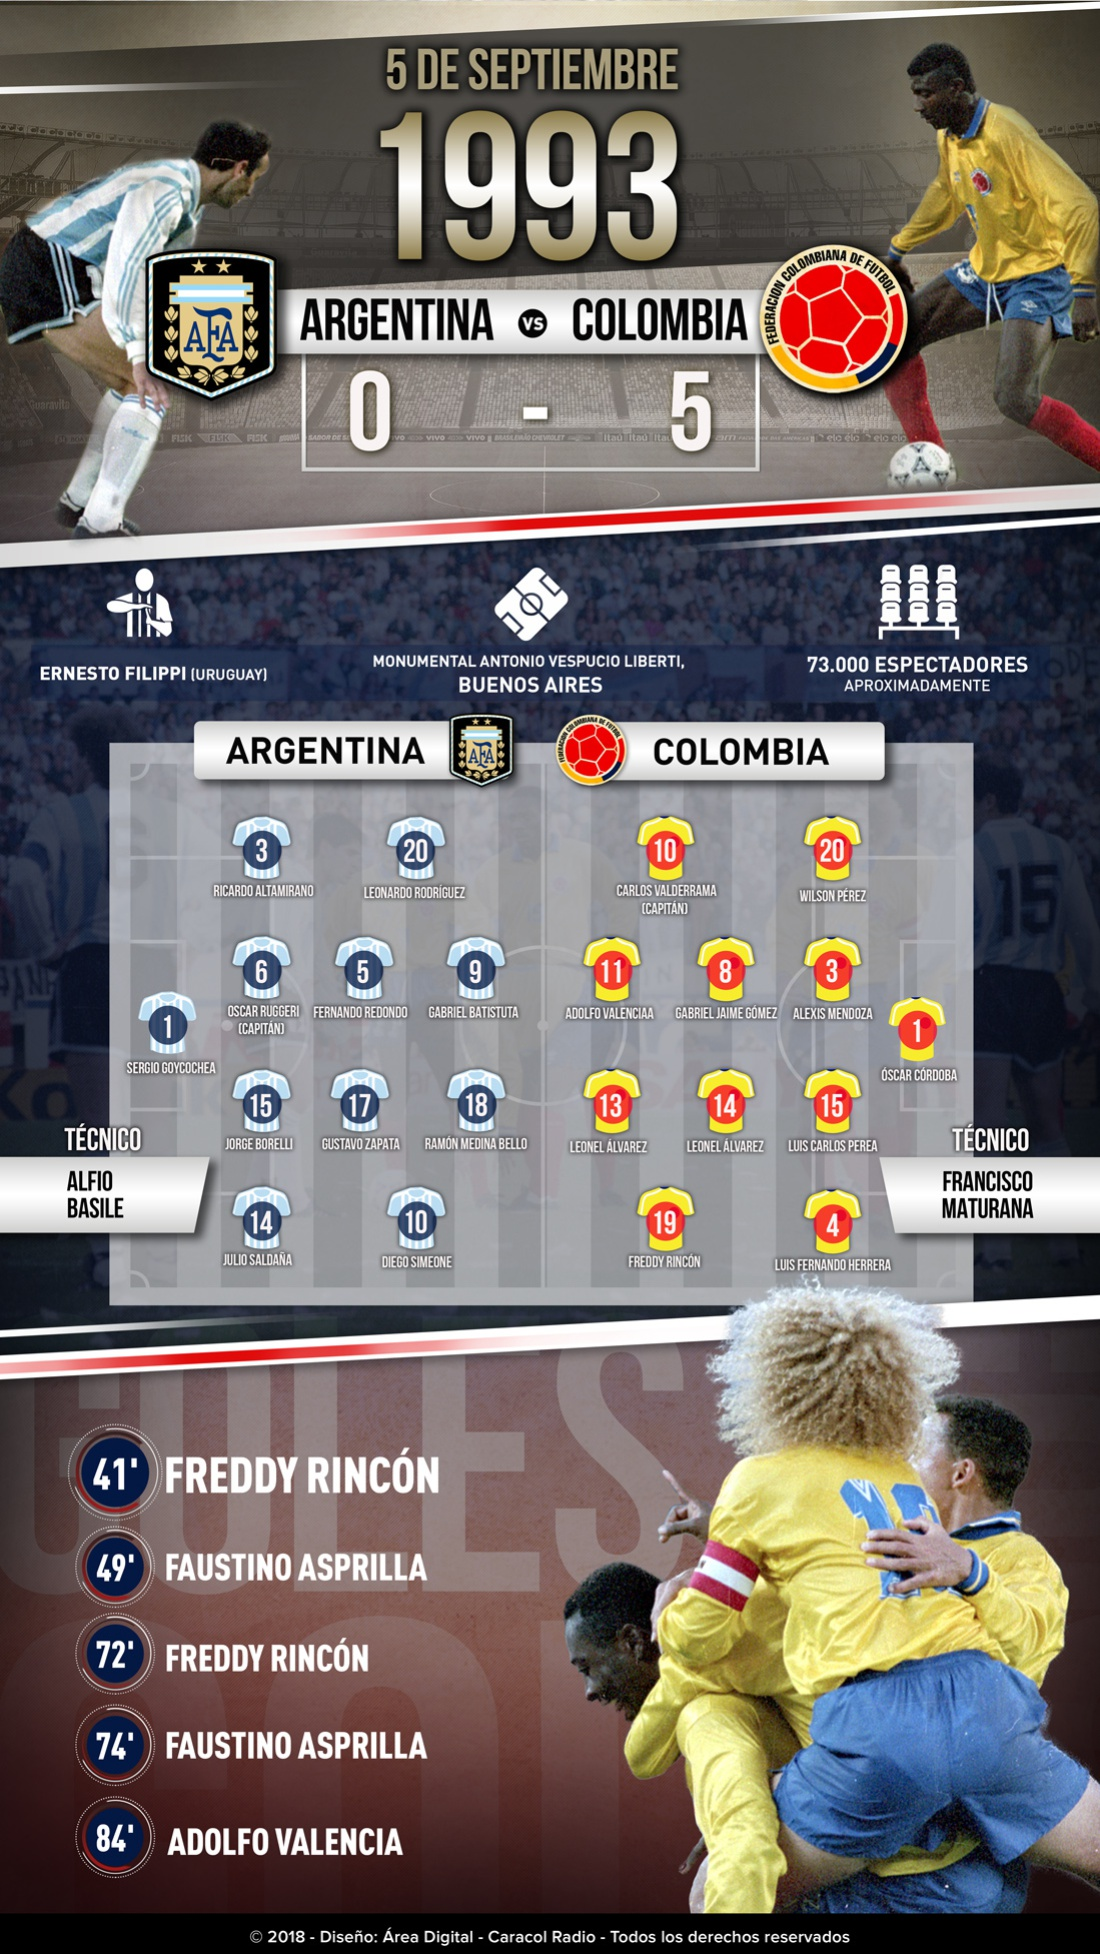 Argentina 0-5 Colombia: Recuerdo histórico: el 0-5 de Colombia a Argentina en el Monumental